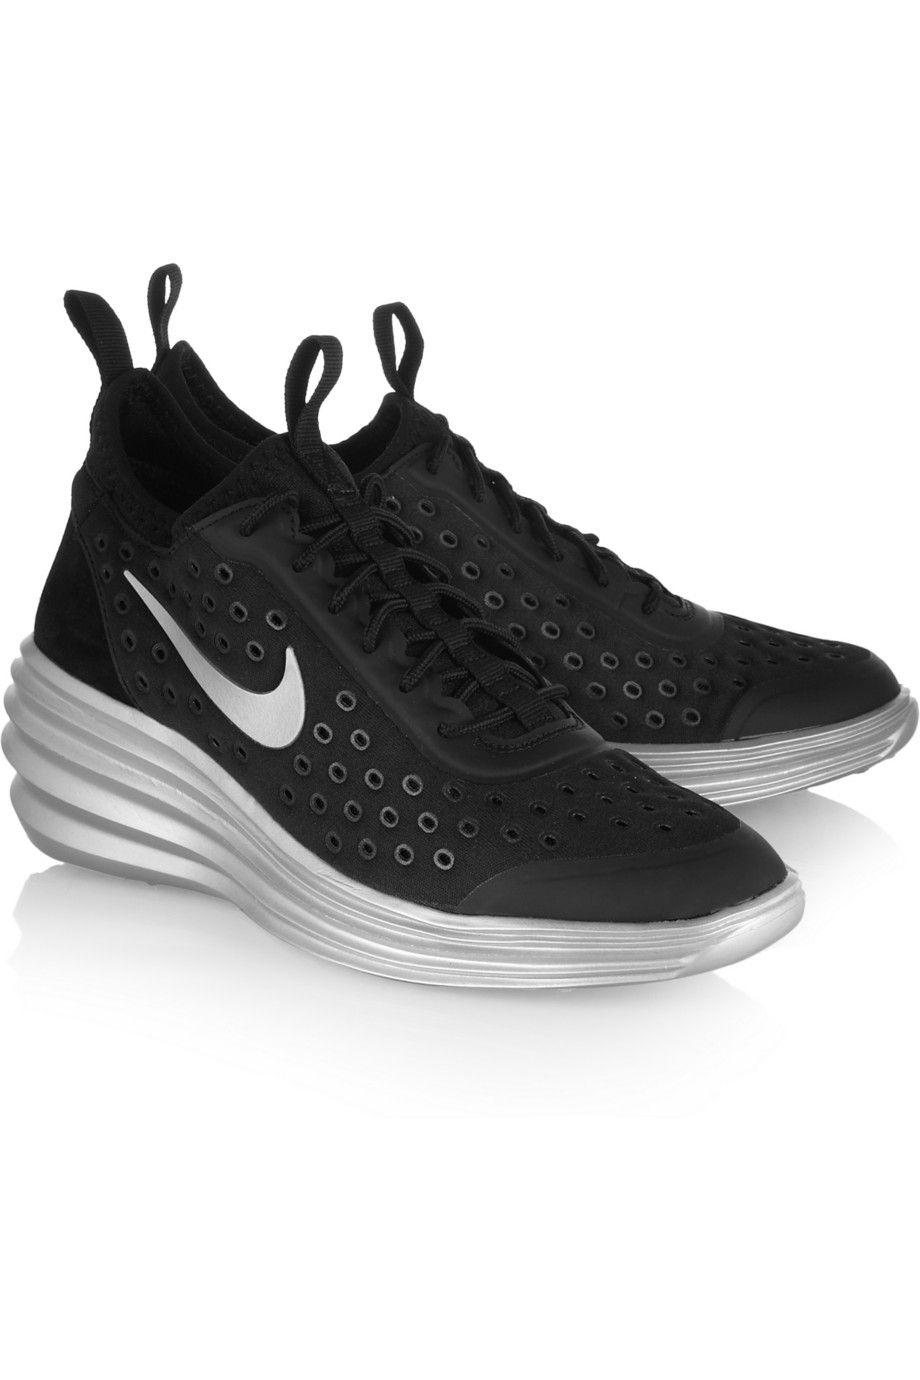 innovative design 08959 4537a Nike   LunarElite Sky Hi canvas and suede wedge sneakers   NET-A-PORTER.COM